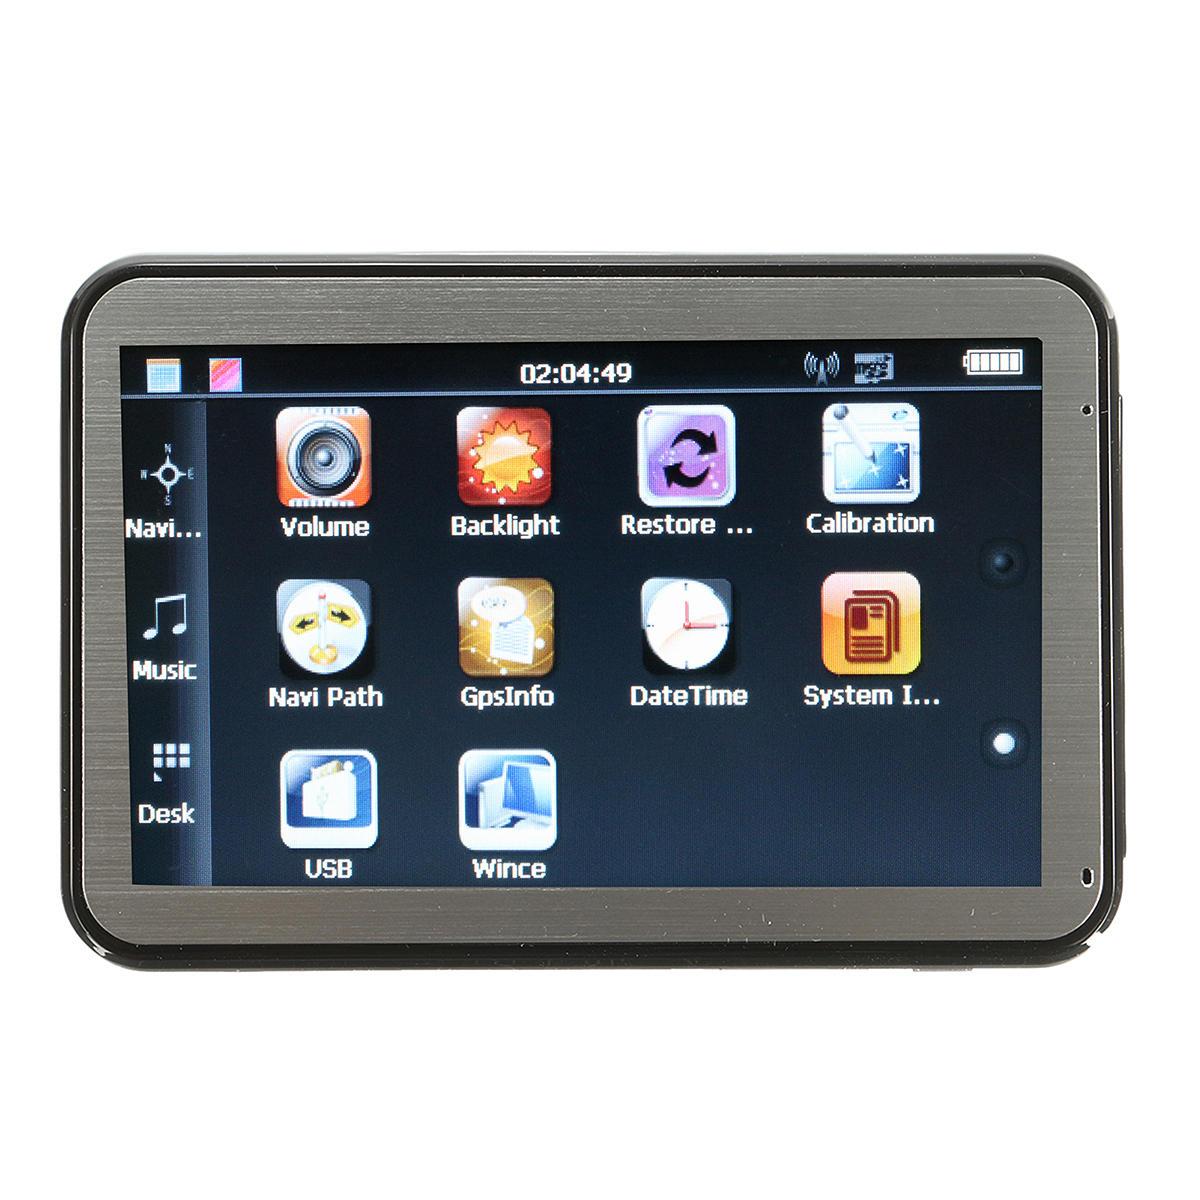 4,3 tum HD Bildskärmsbärbar navigationsbil GPS Navigation Sat Nav System